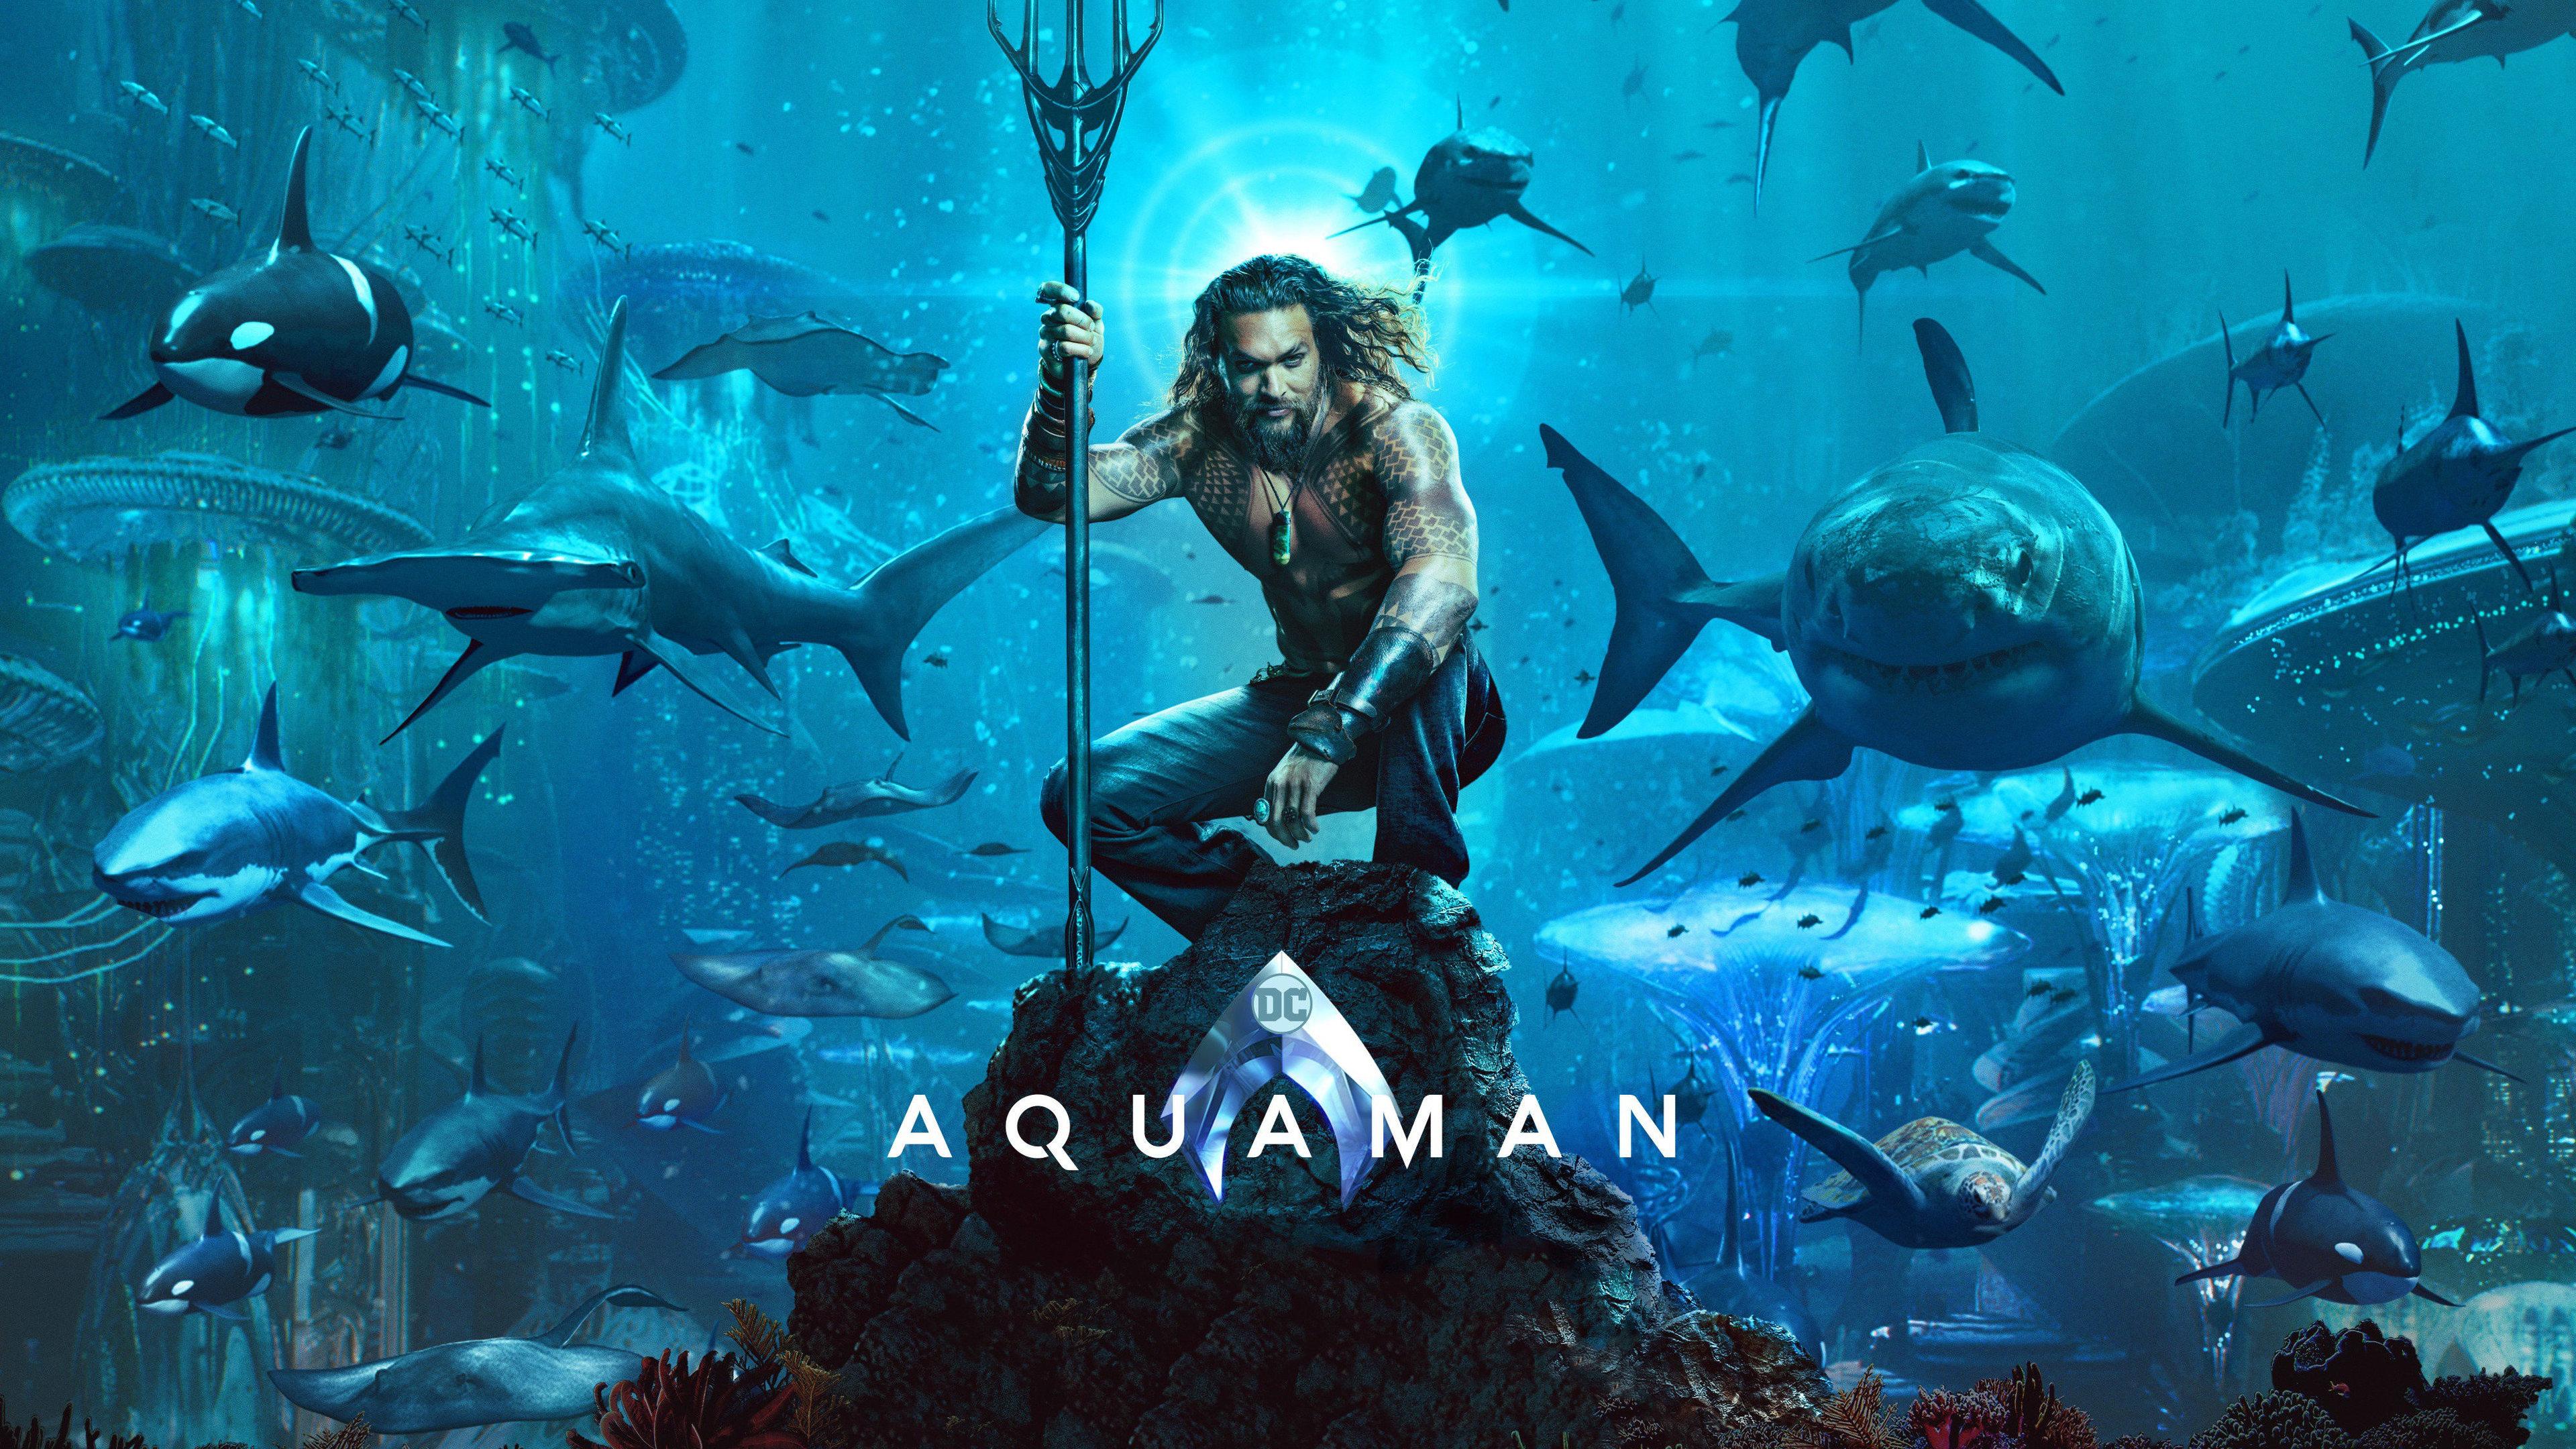 aquaman movie 4k 1537644867 - Aquaman Movie 4k - poster wallpapers, movies wallpapers, jason momoa wallpapers, hd-wallpapers, aquaman wallpapers, aquaman movie wallpapers, 4k-wallpapers, 2018-movies-wallpapers